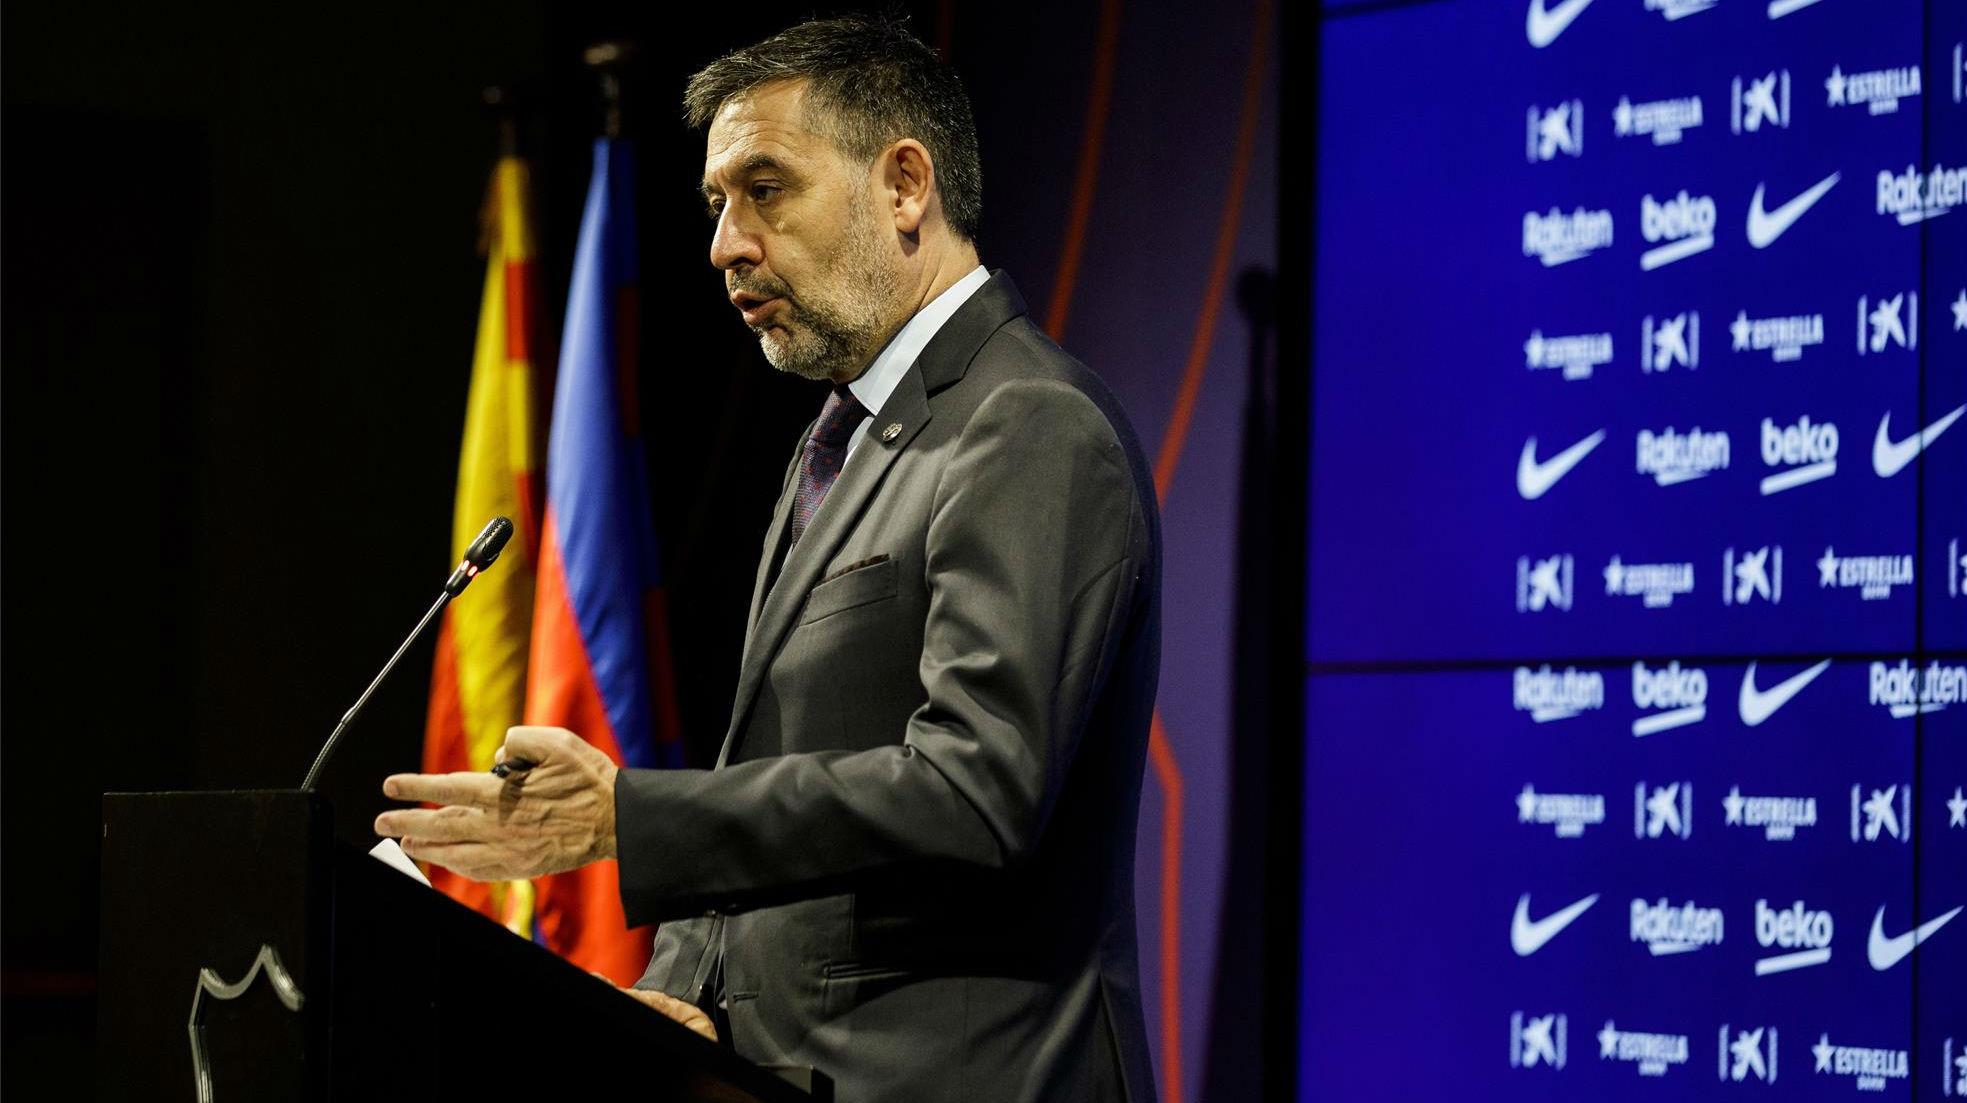 Sigue en directo la rueda de prensa de Josep Maria Bartomeu